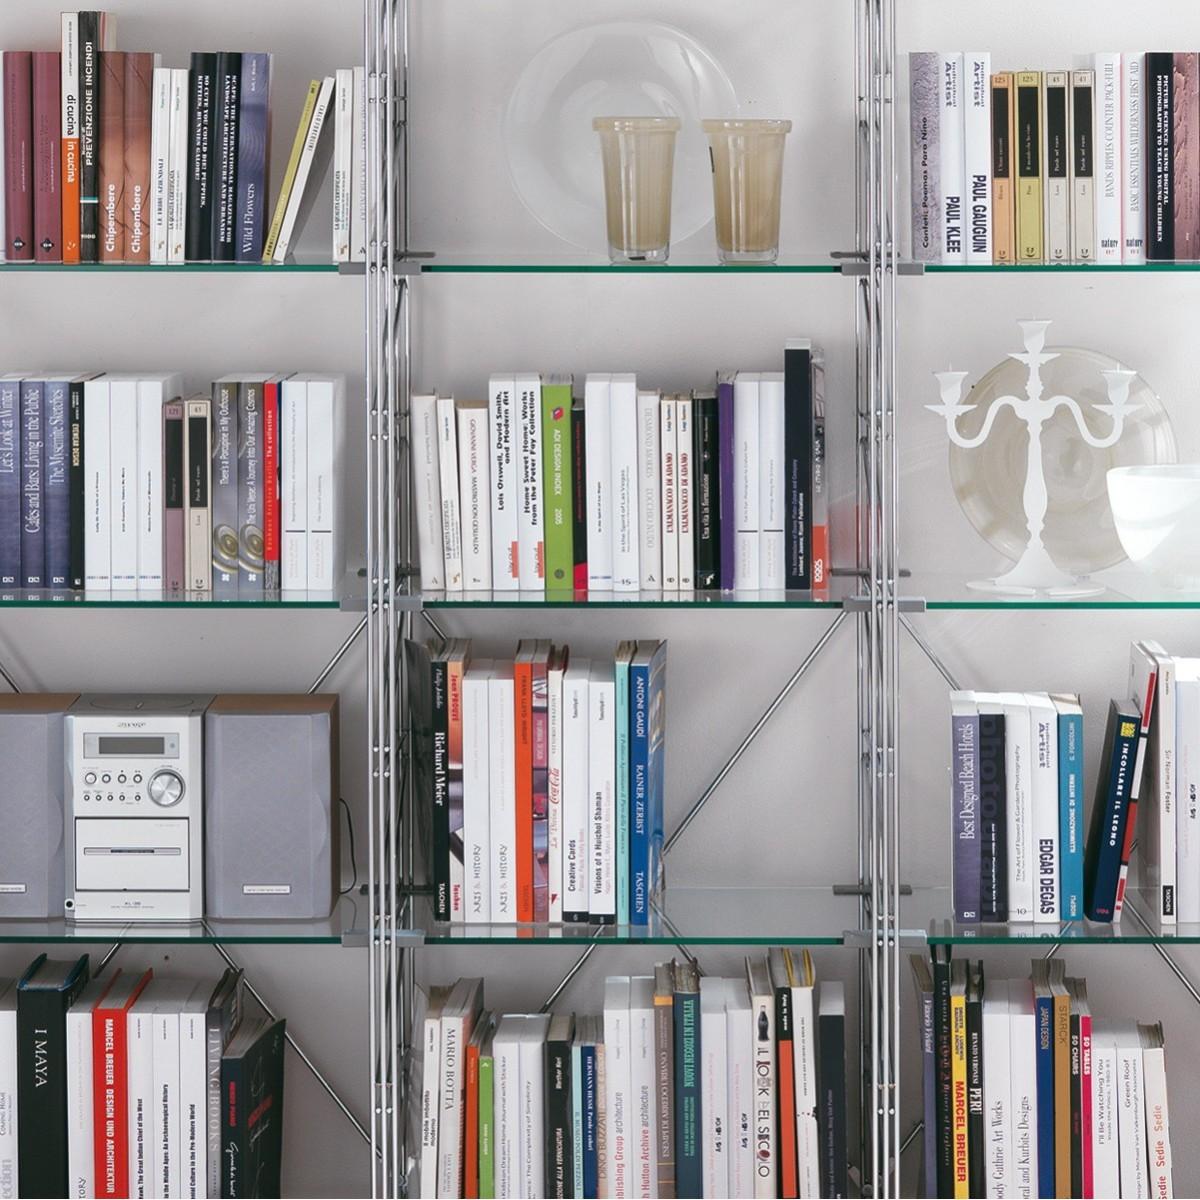 43 libreria per mansarda in acciaio e vetro 365 x 35 x h86/162/200 cm - Scaffali Metallo E Vetro